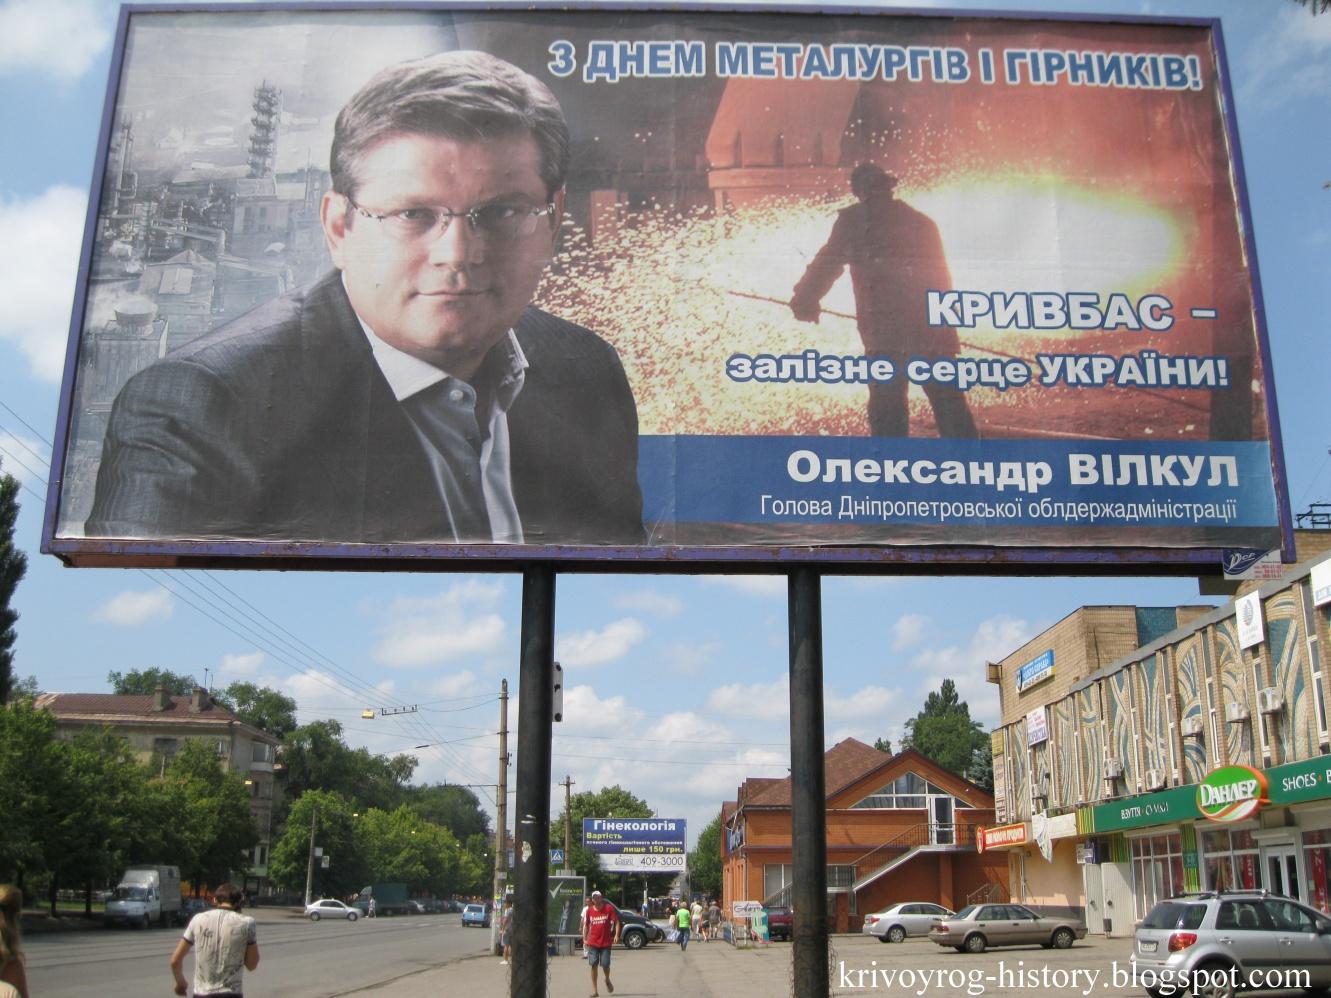 Поздравление на билборде в тамбове 7